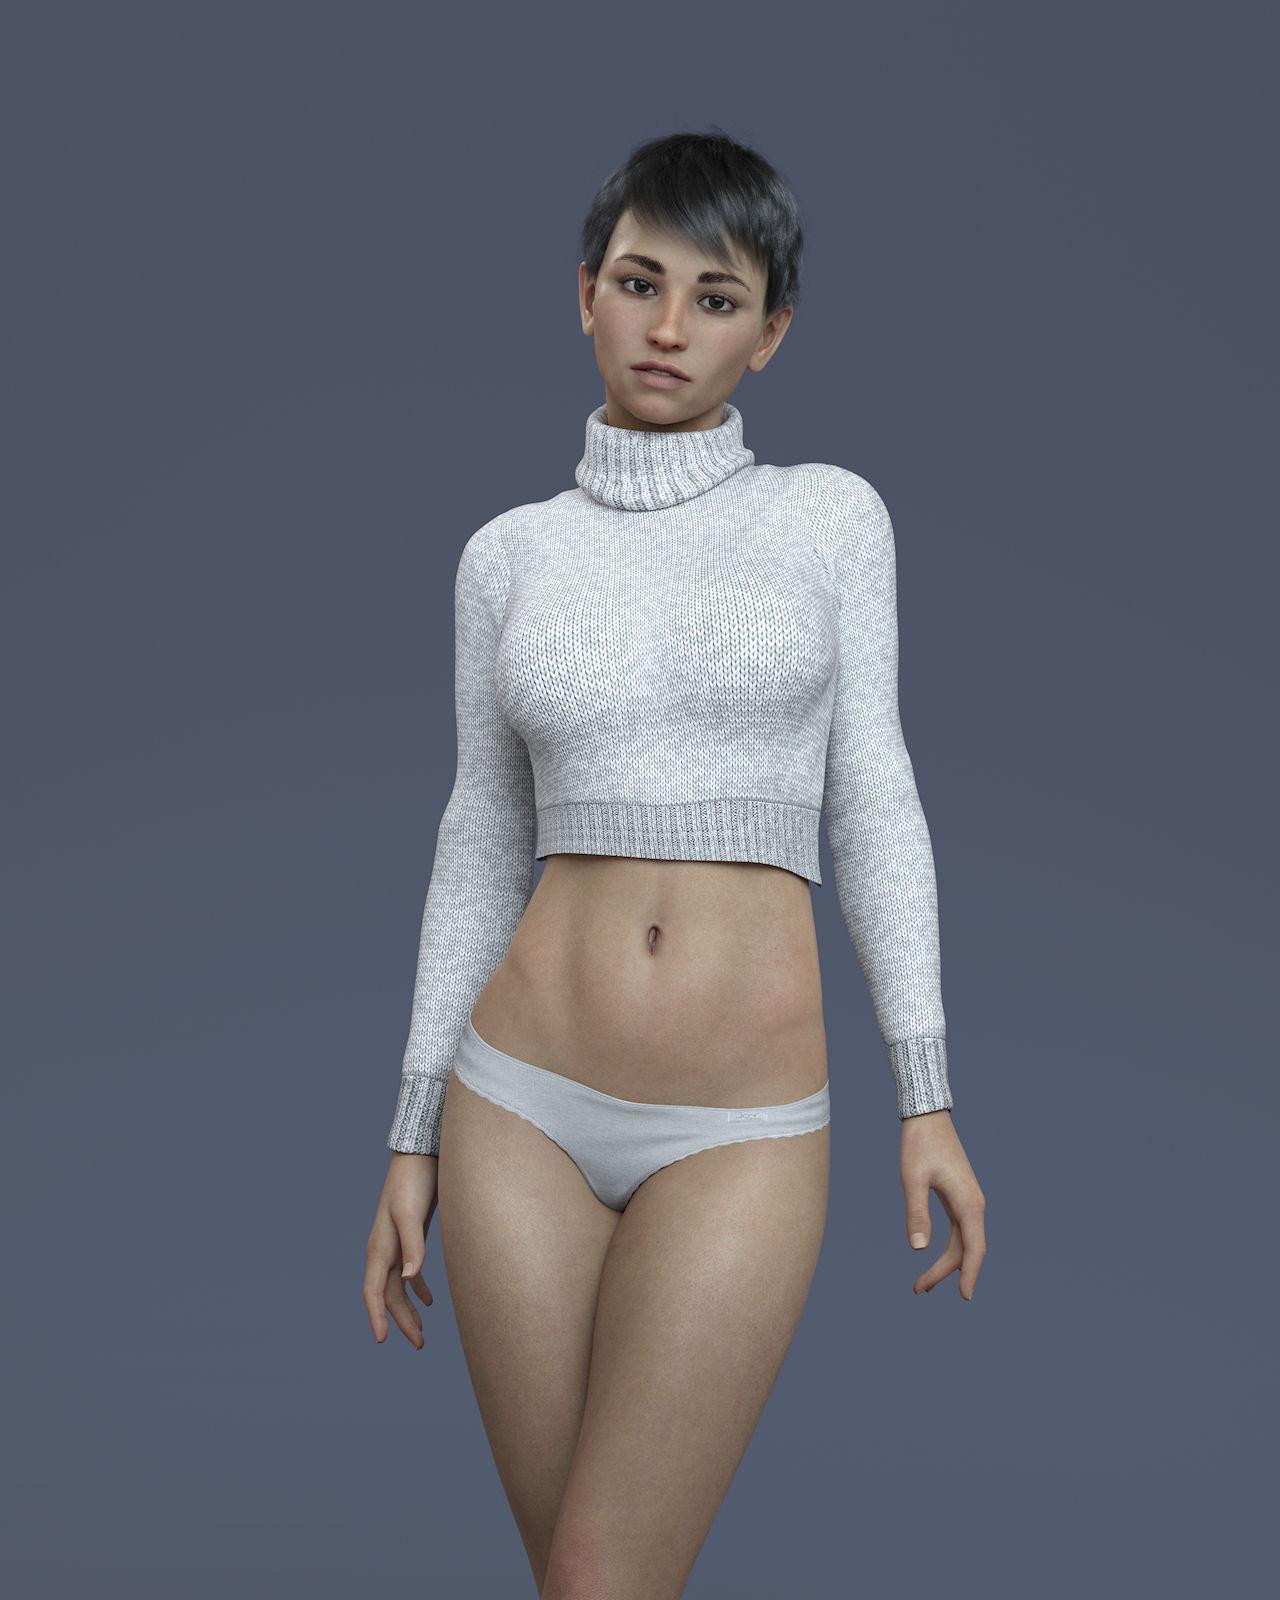 KrashWerks MARLENA for Genesis 8 Female